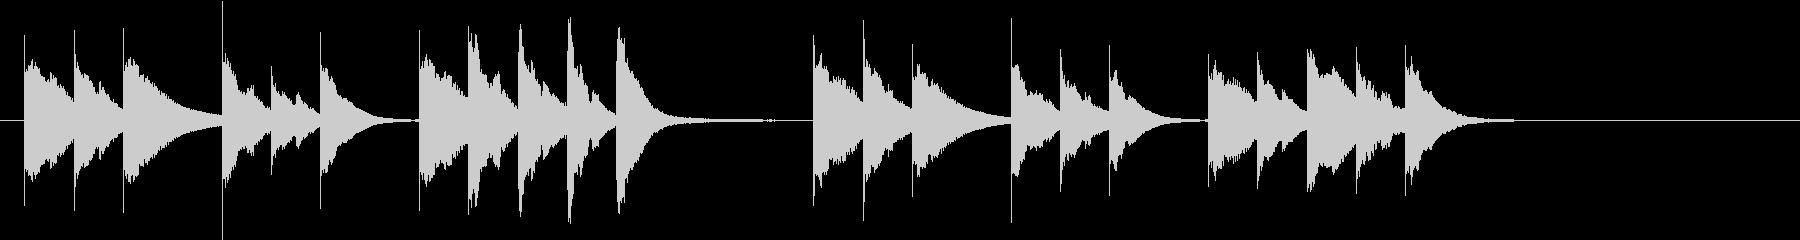 木琴で作った明るく短いジングルの未再生の波形